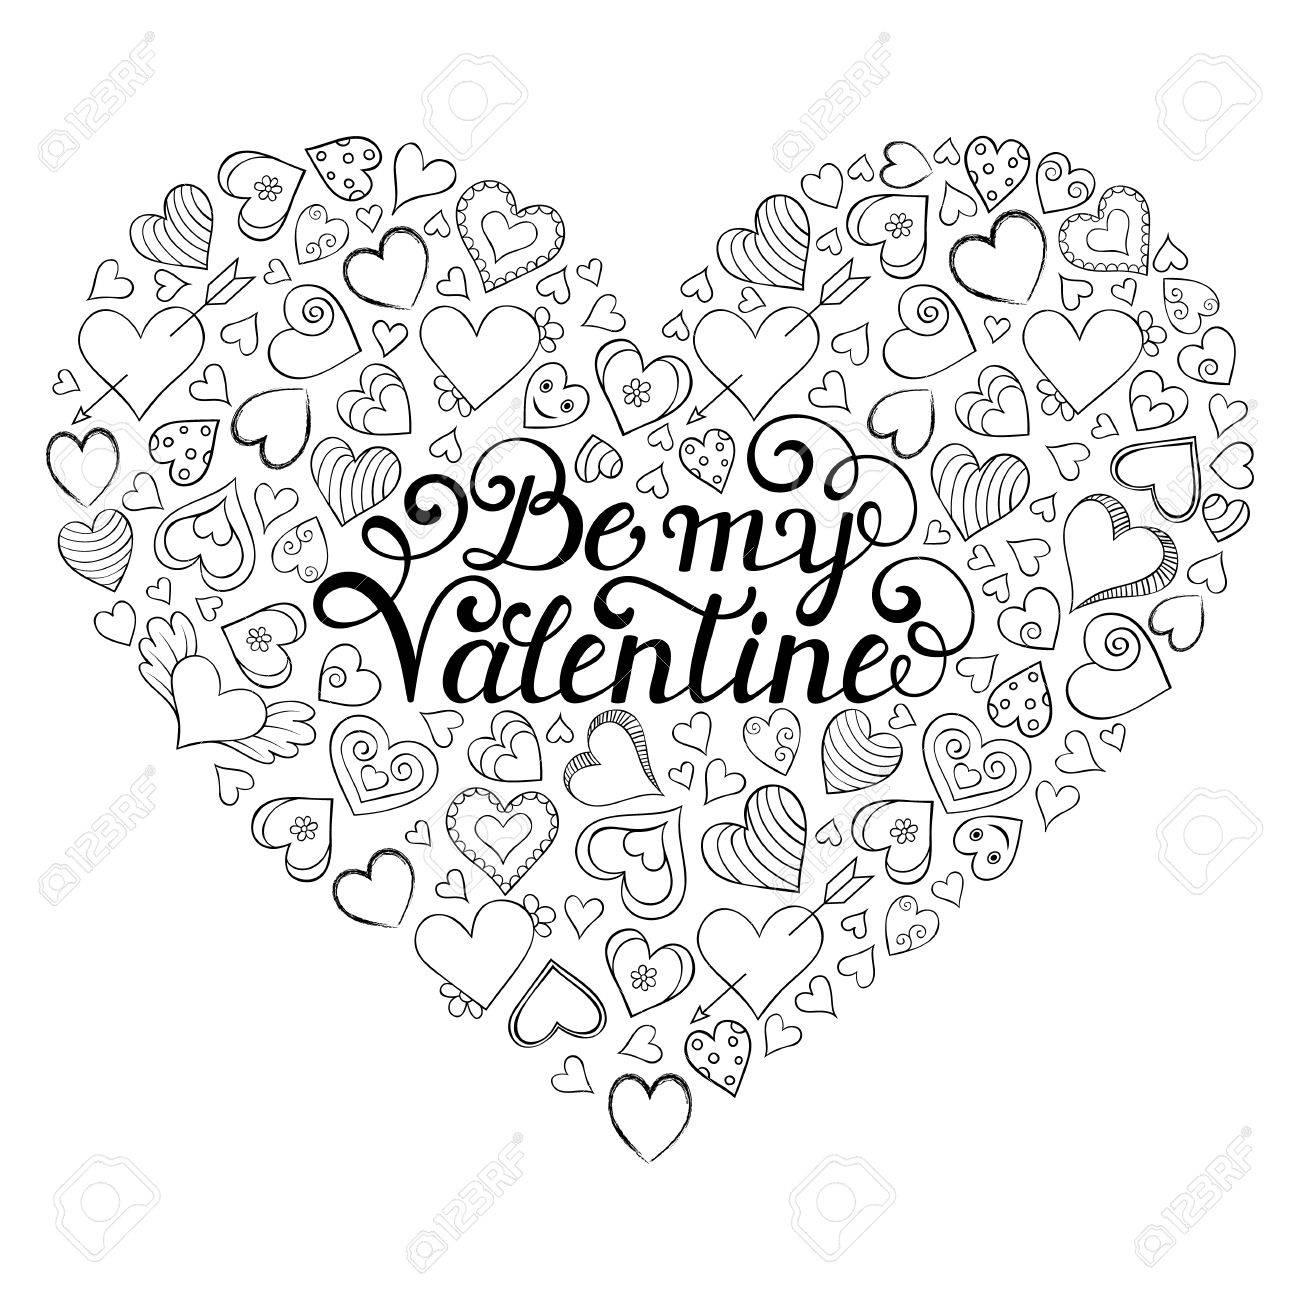 Bunte Valentinstag Karte Mit Herzen Und Be My Valentine Inschrift